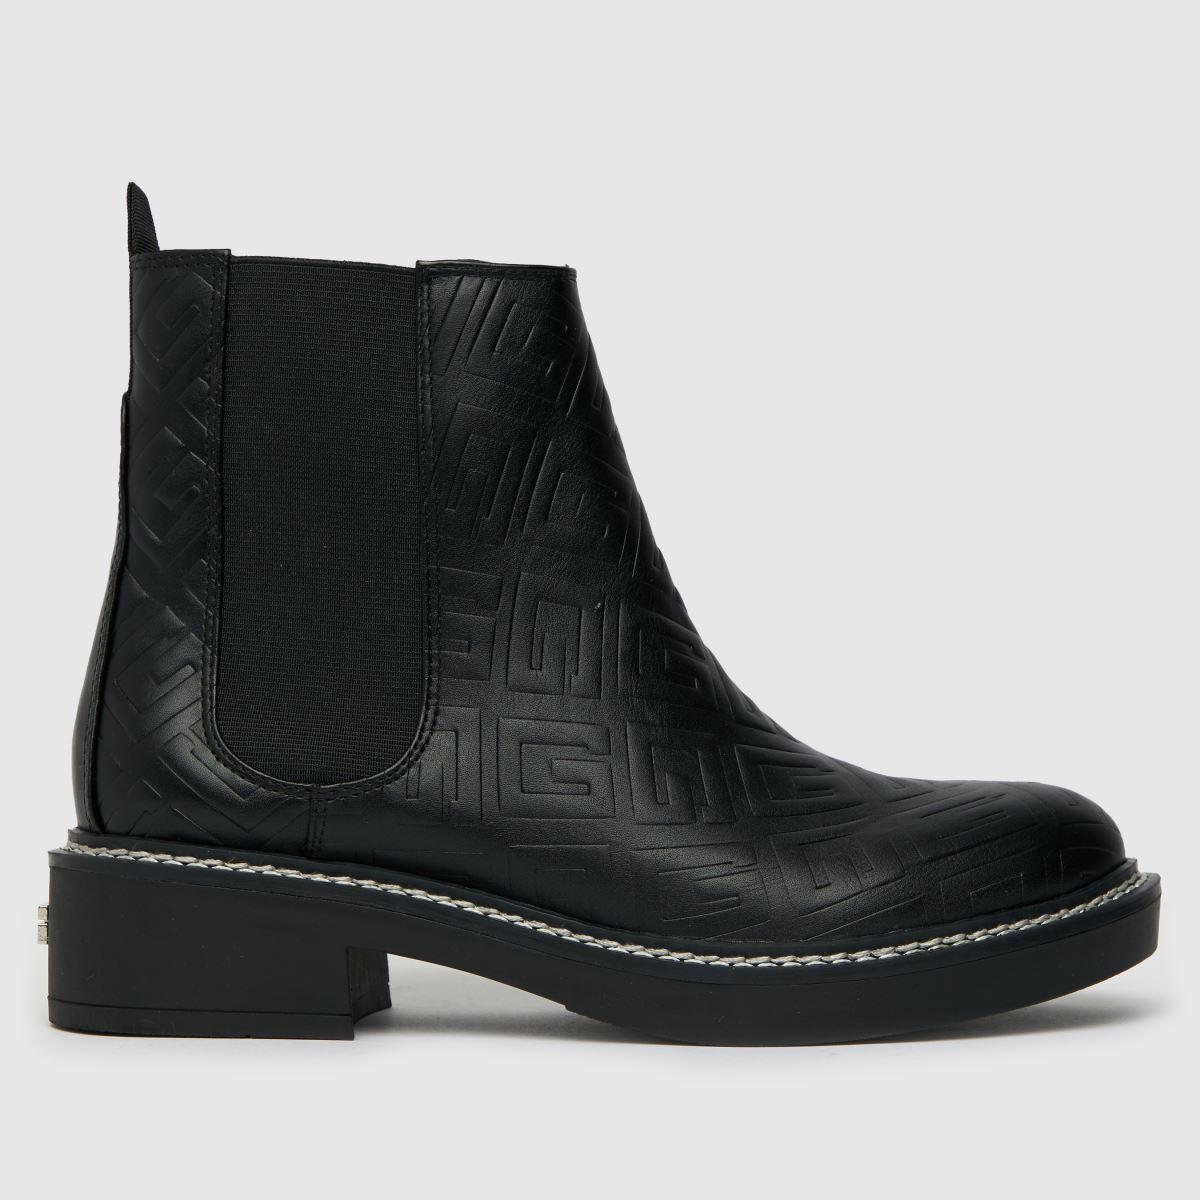 GUESS Black Taffeta Chelsea Boots